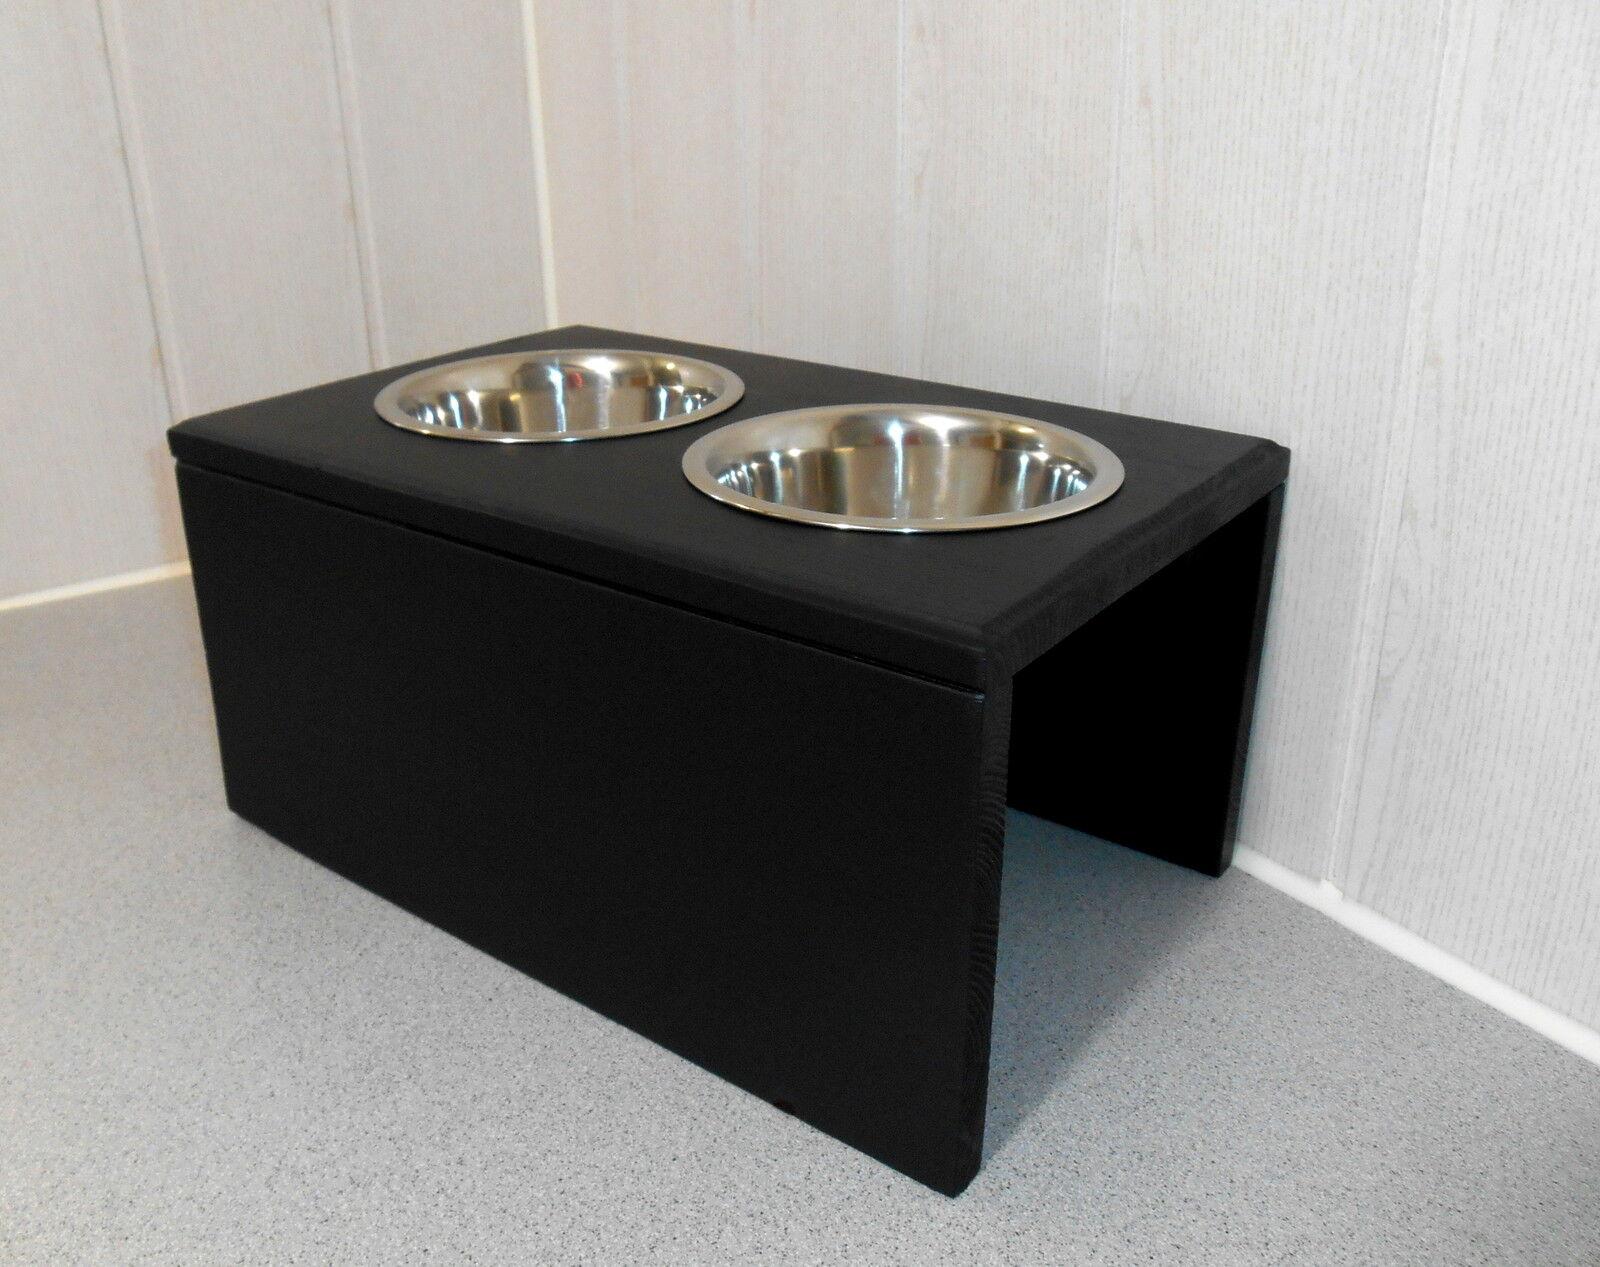 Hundenapf   Hundebar   Futternapf    Buche in schwarz, Jede Wunschfarbe (950)    Schön  7629ce